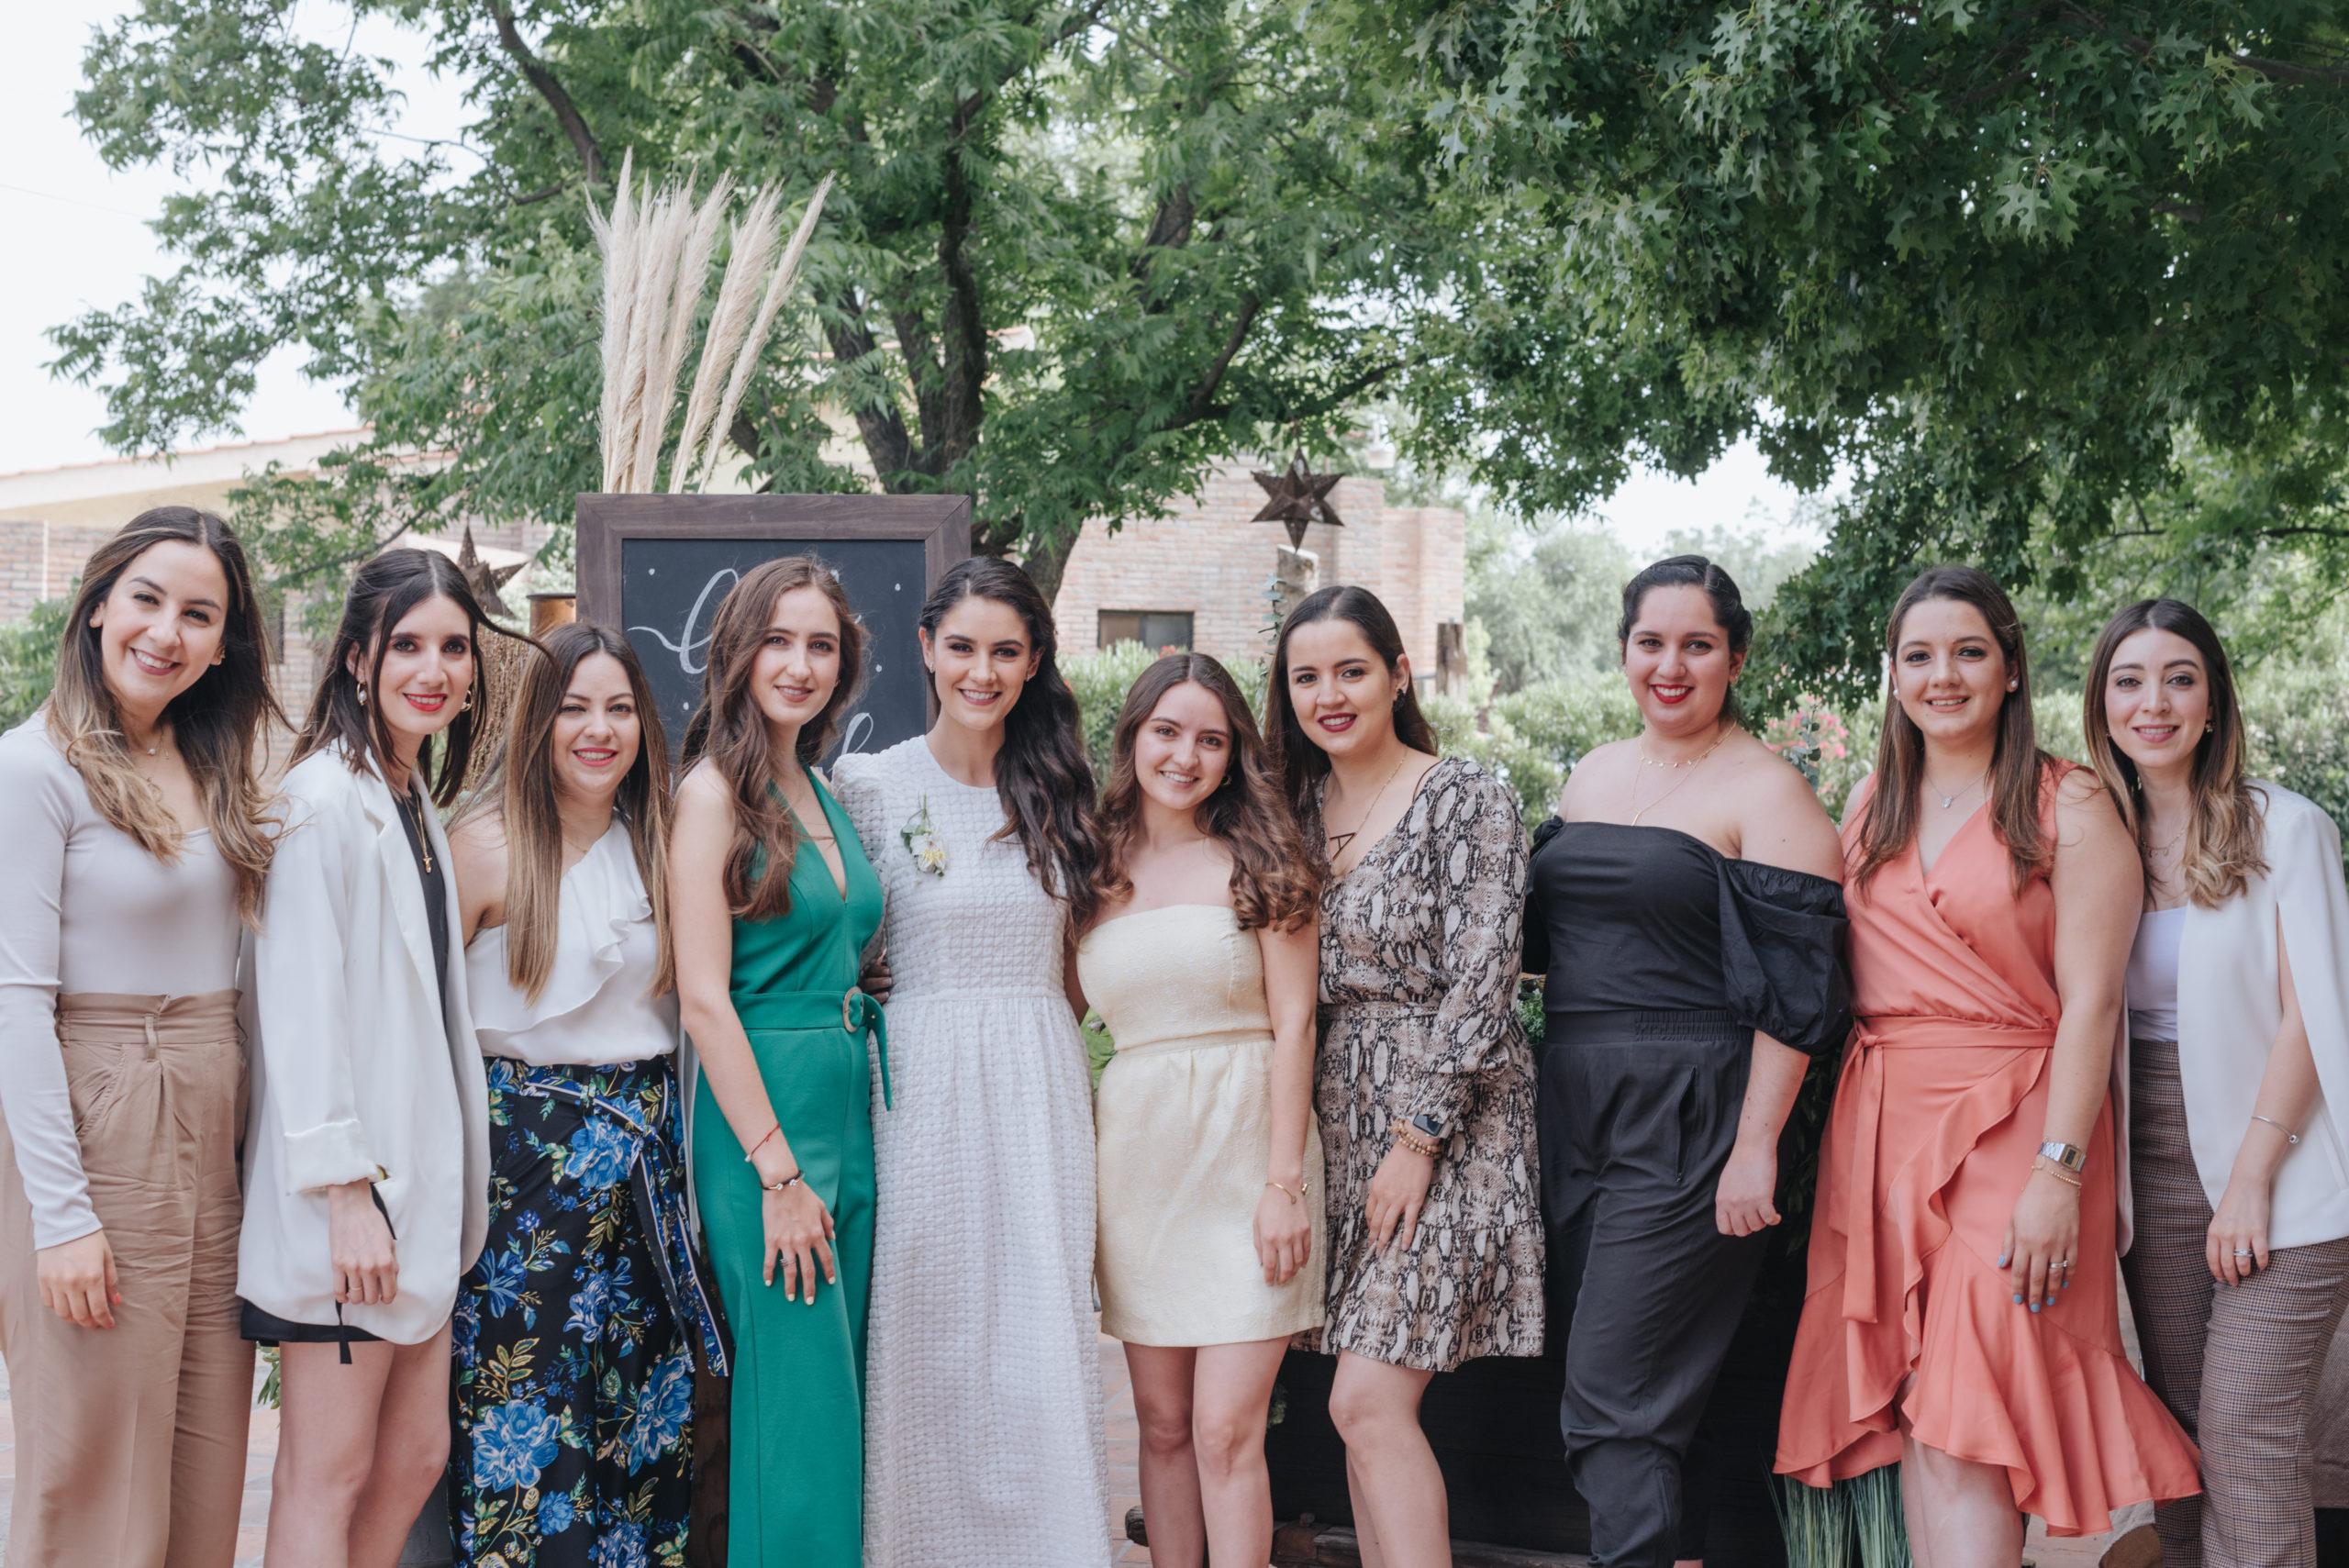 Maru, Rosy, Maricarmen y Ana Laura Dávila, Ana Gaby Herrera, Andrea, Ana Sofía y María Daniela Dávila, y Luly Orozco.